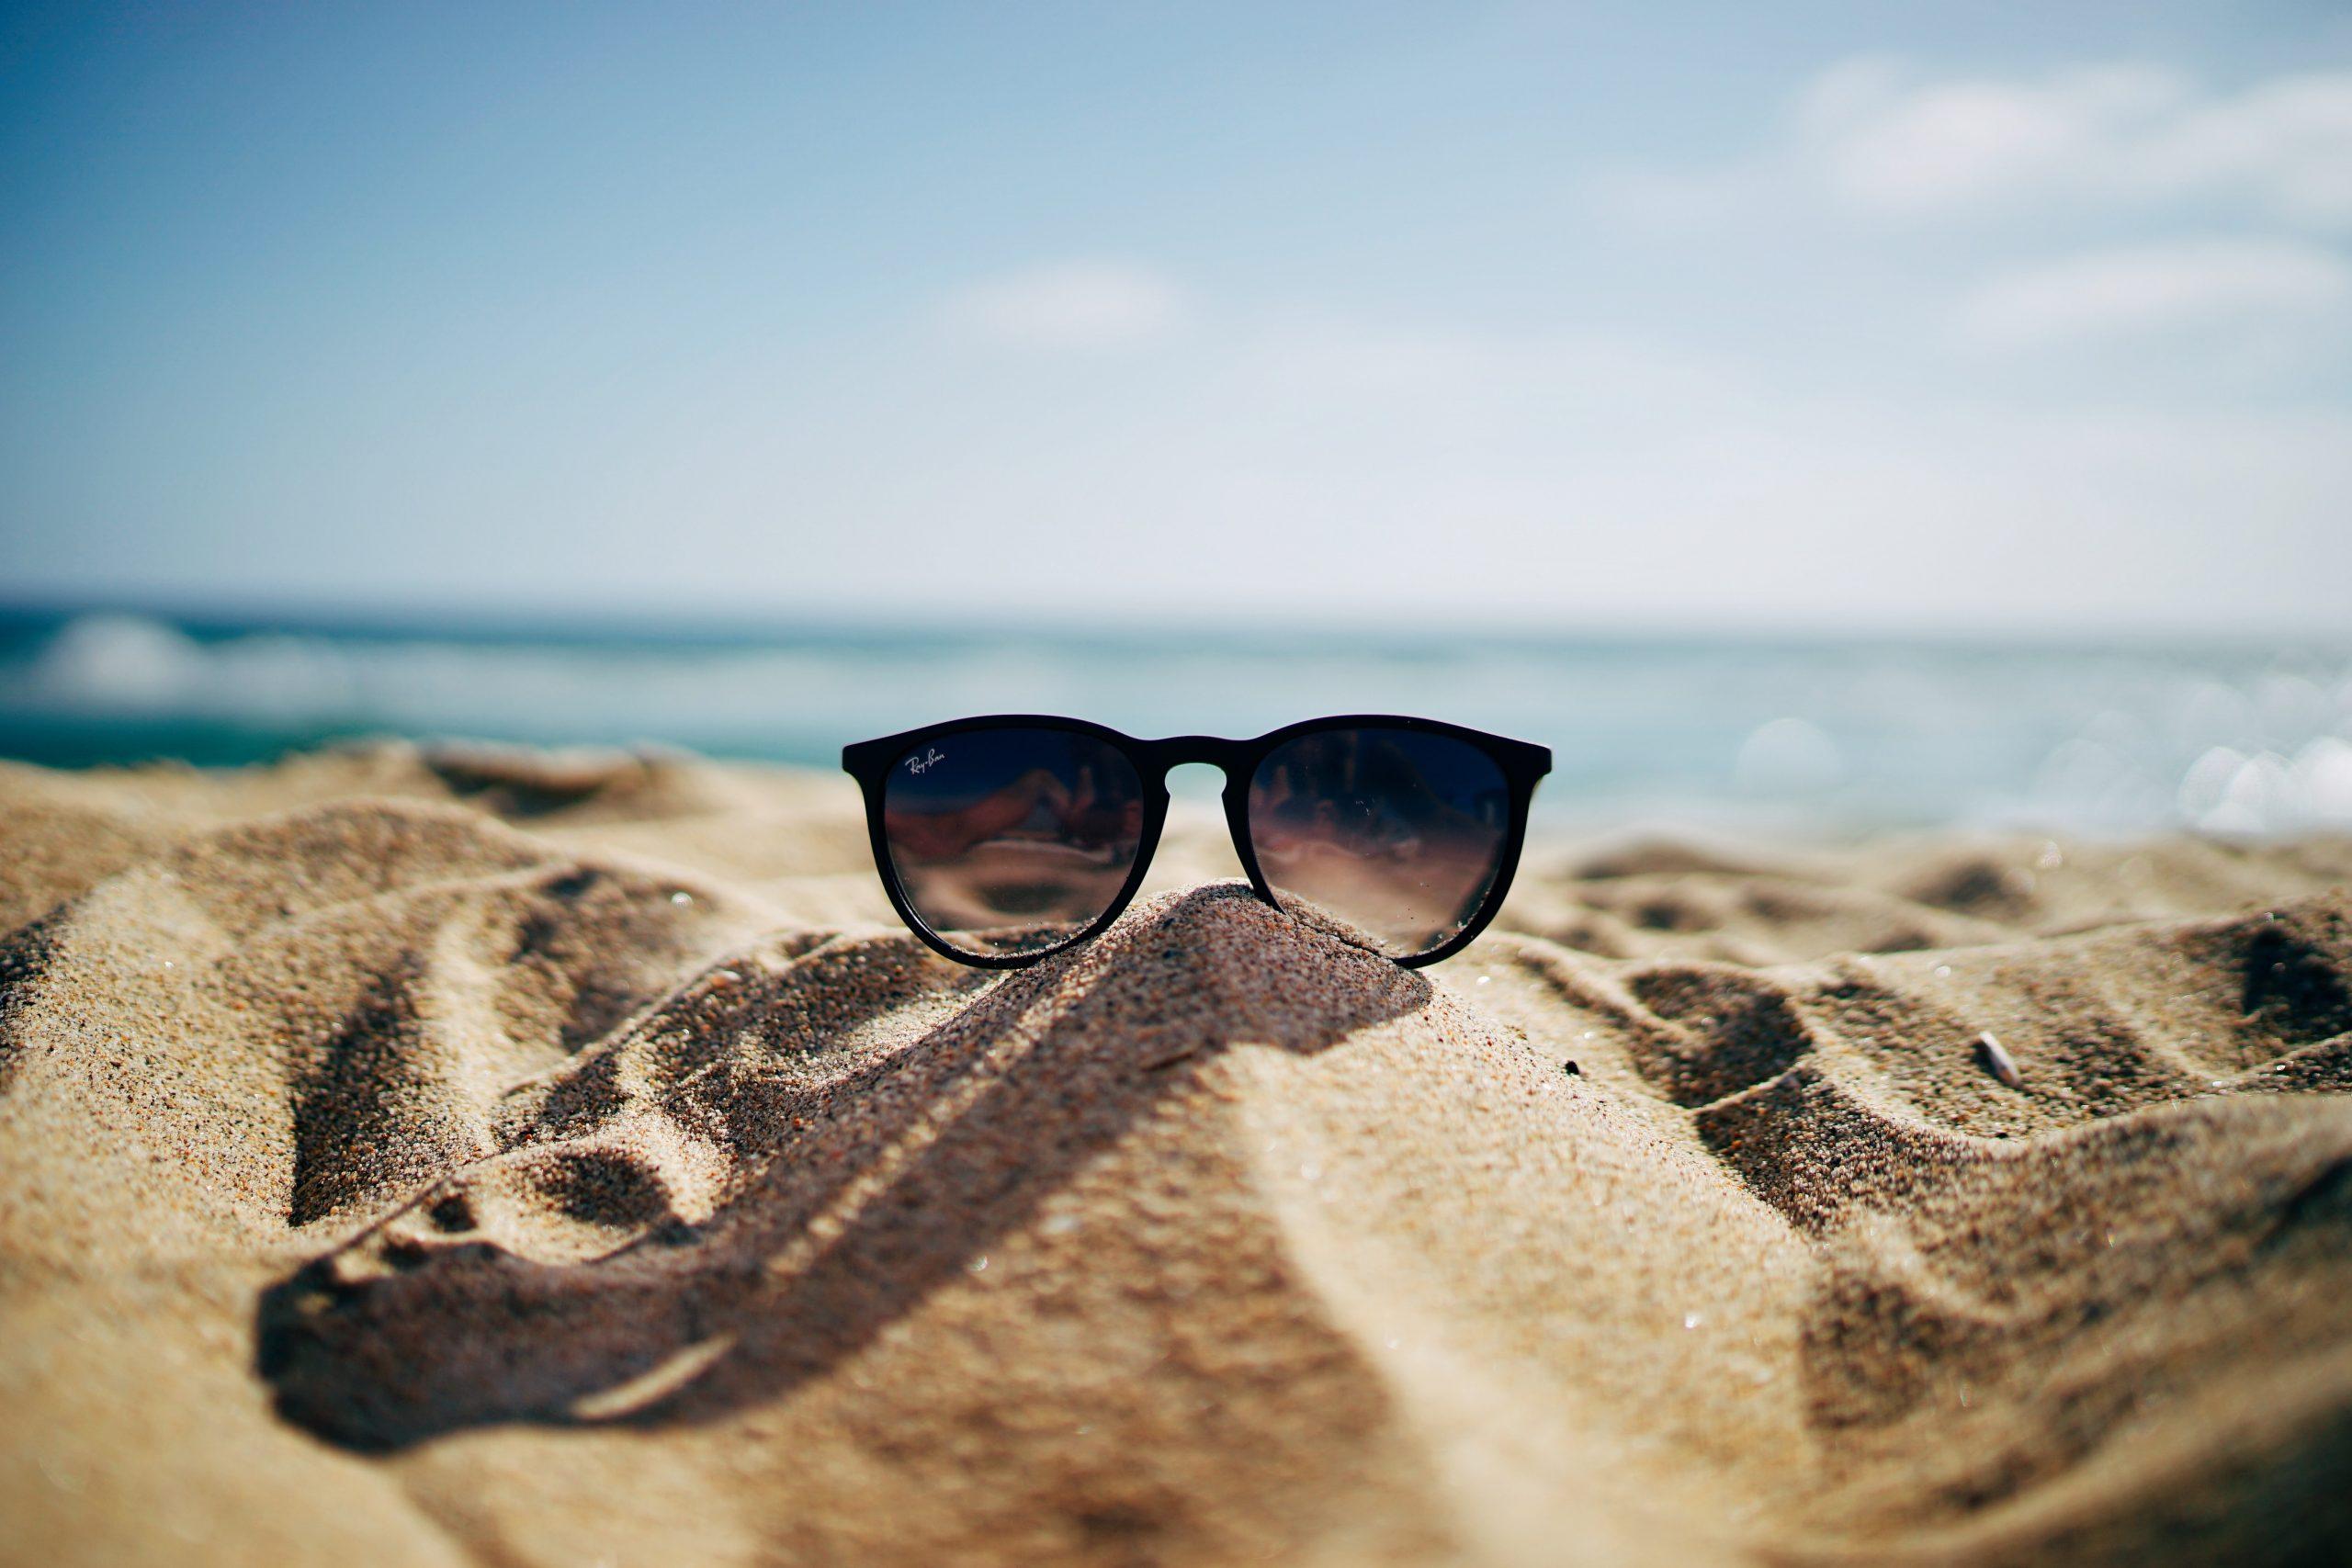 6 πράγματα που πρέπει να ξέρεις για να προστατευτείς από τον Covid-19 το καλοκαίρι